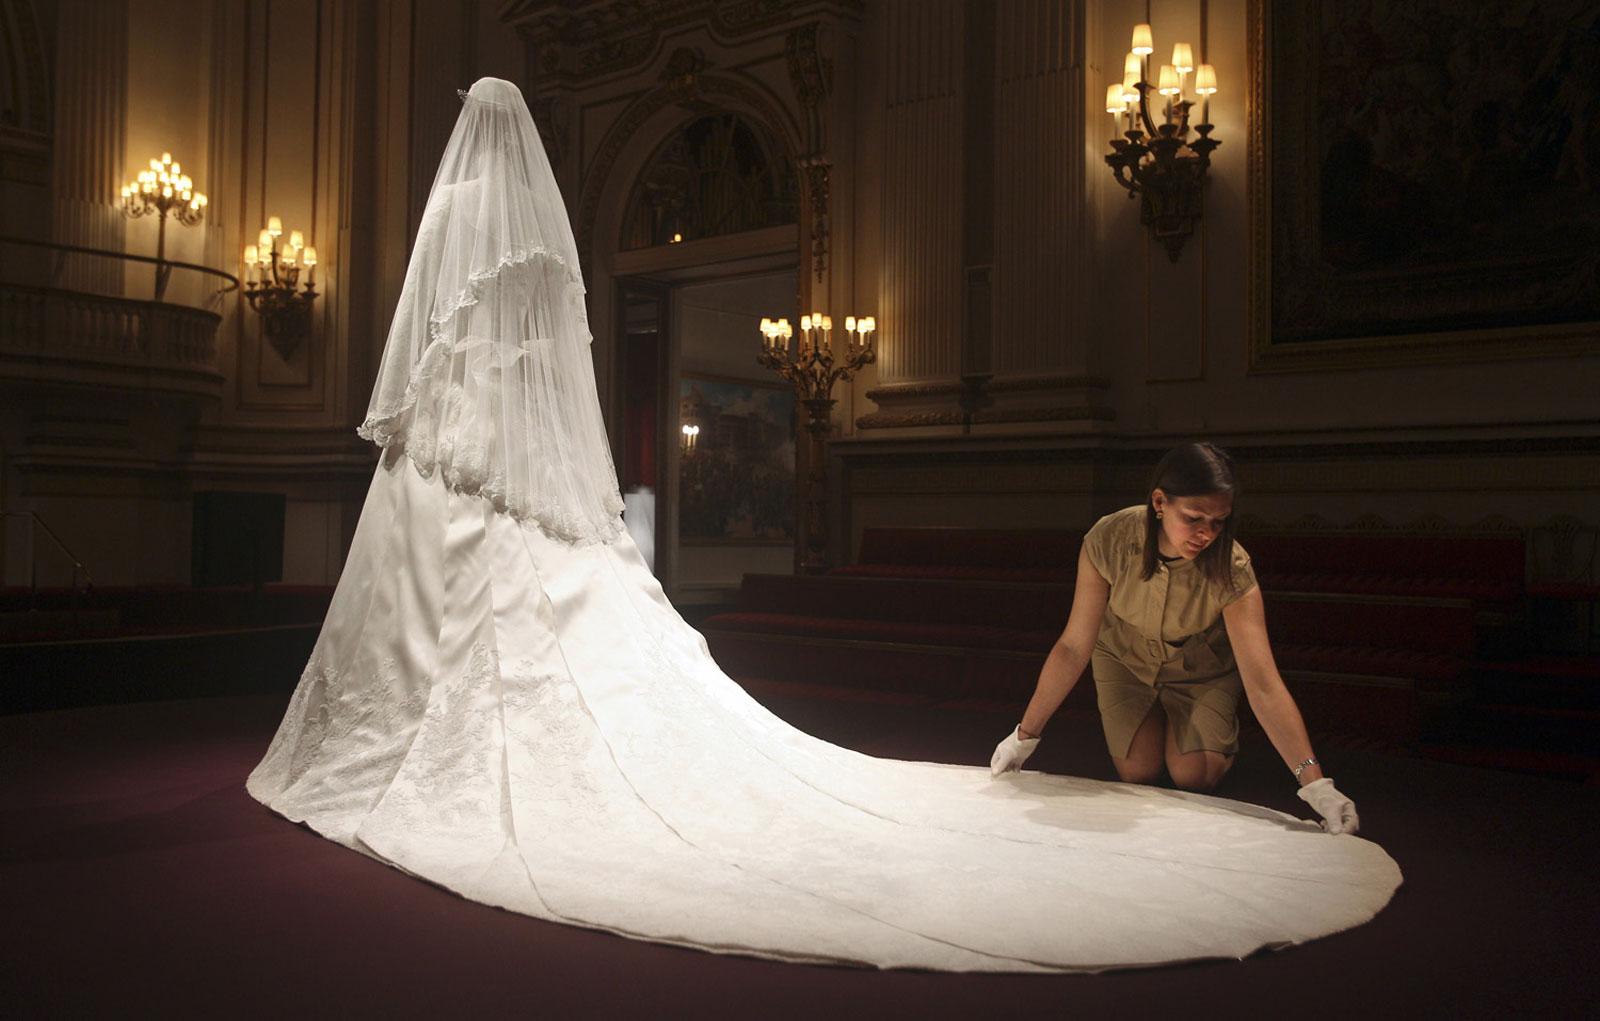 Kate Middleton s Wedding Dress Raises $15 Million In